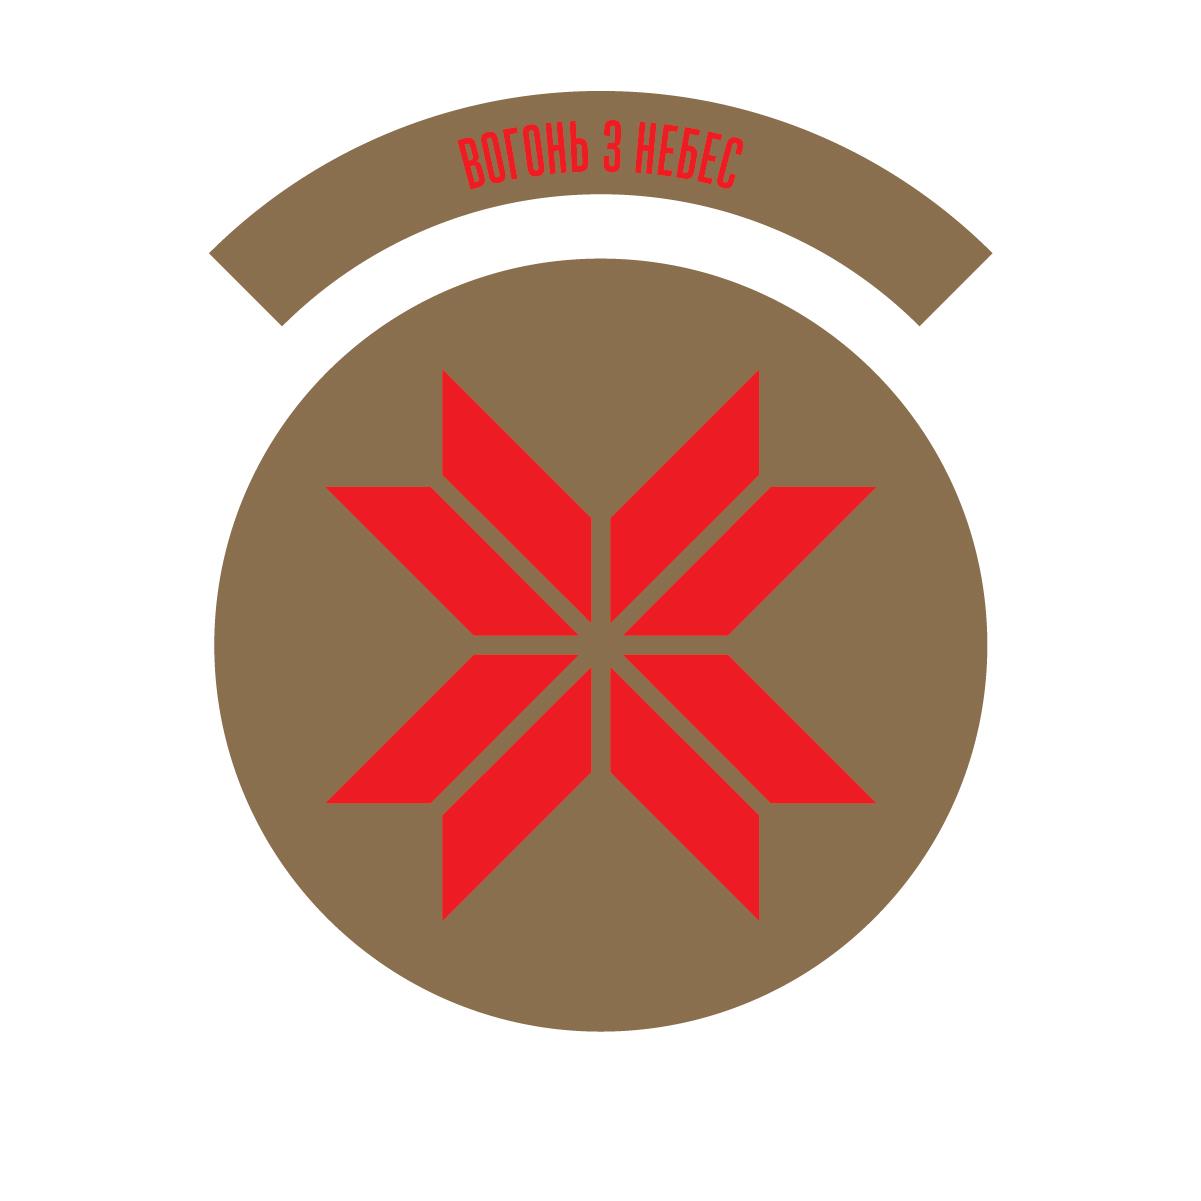 В основу патча для 43-я артилерийской бригады повышеной дальности положен древний славянский символ - крест Перуна, языческого бога грома и молнии. Кому, как не богам войны носить на плече его знак.